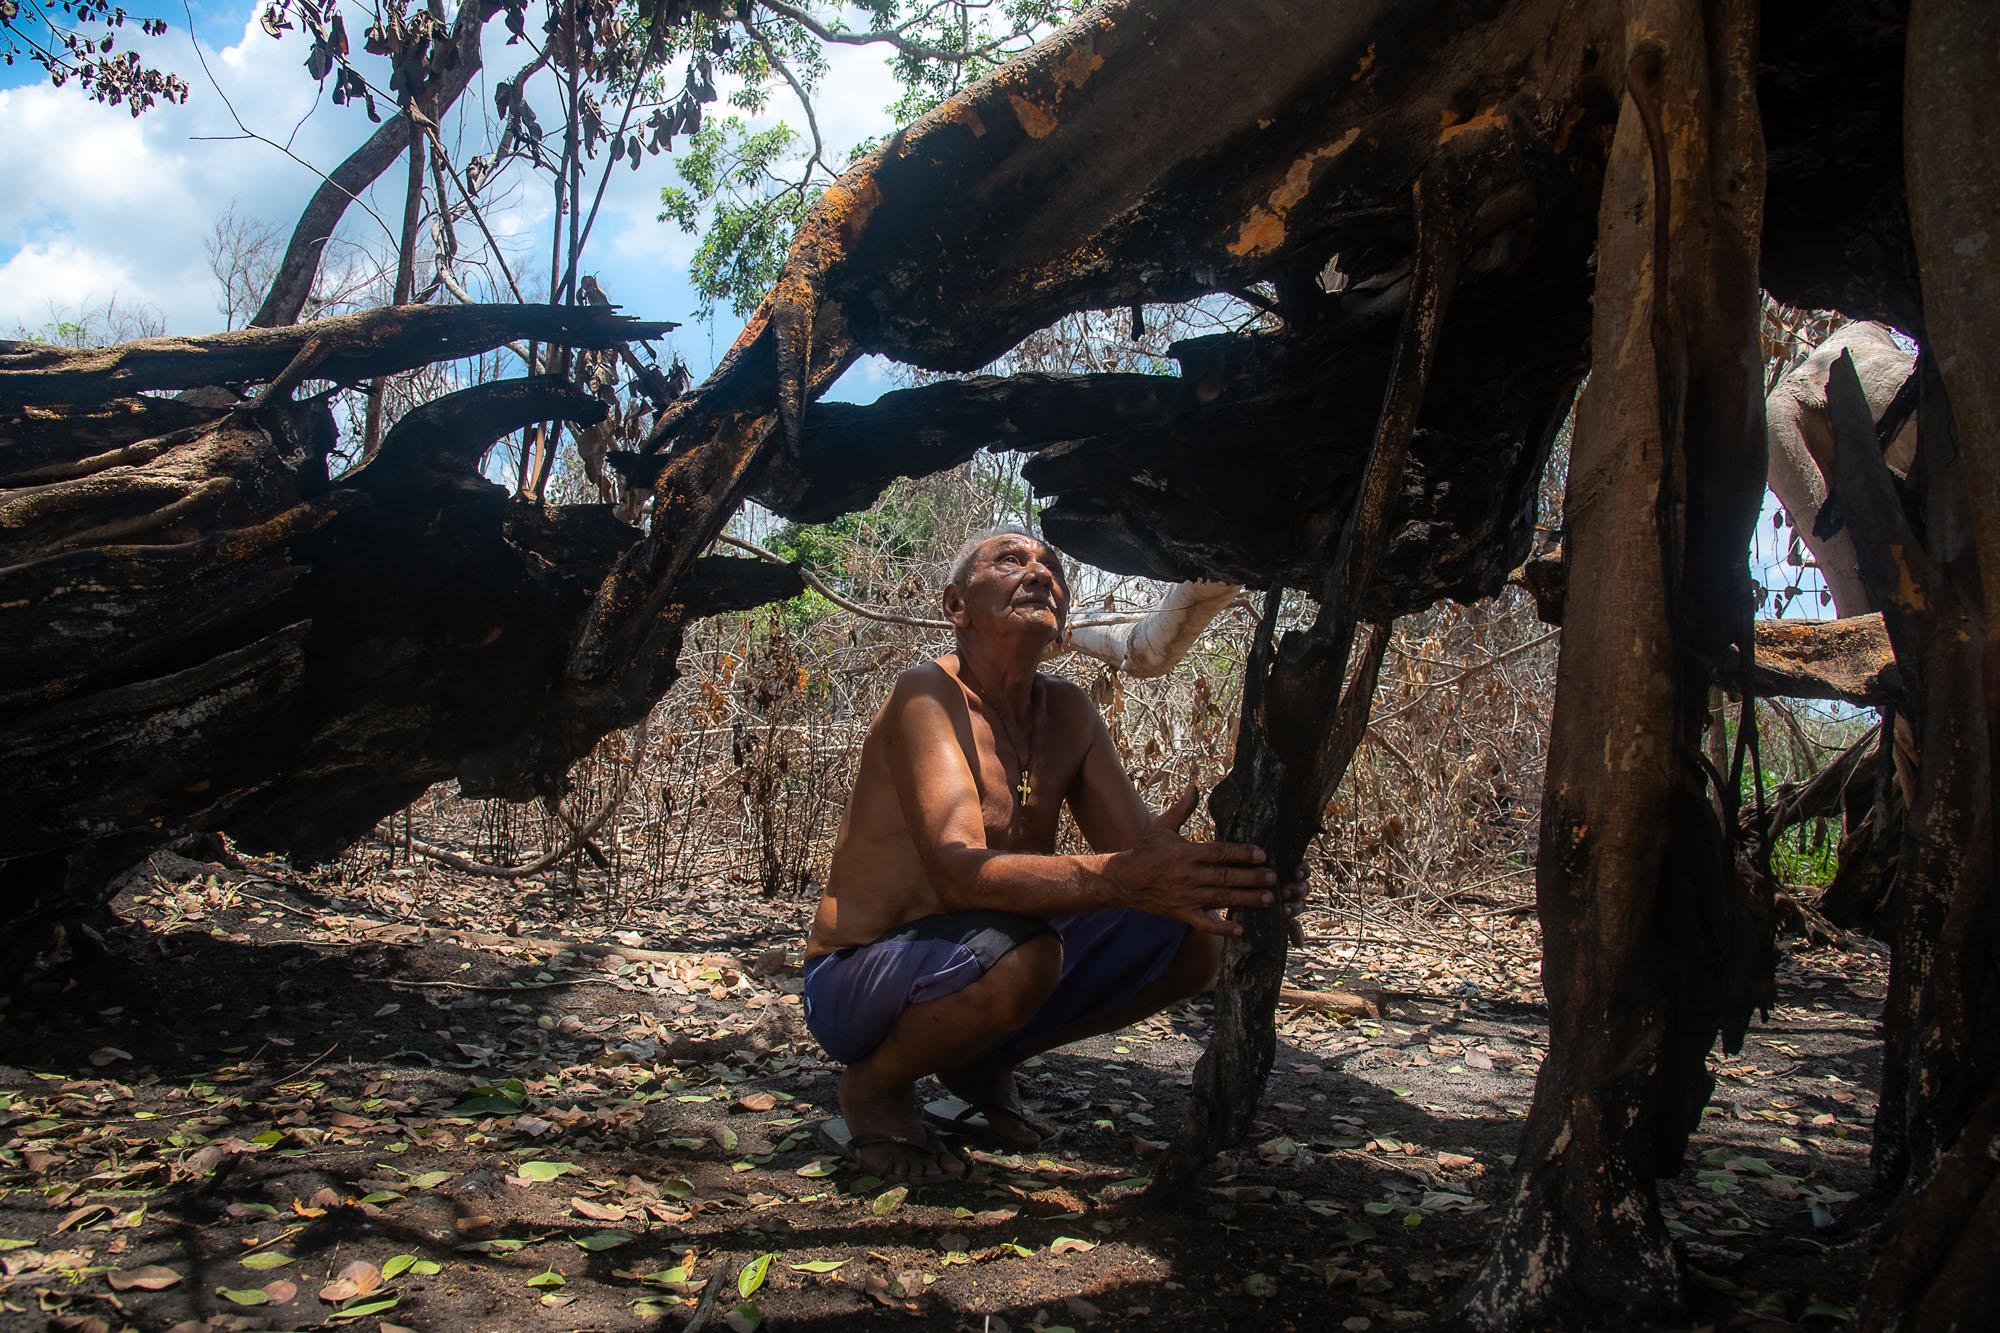 Povo Guató tenta retomar a rotina no pós-queimadas, mas o trauma e os estragos ainda são muito recentes